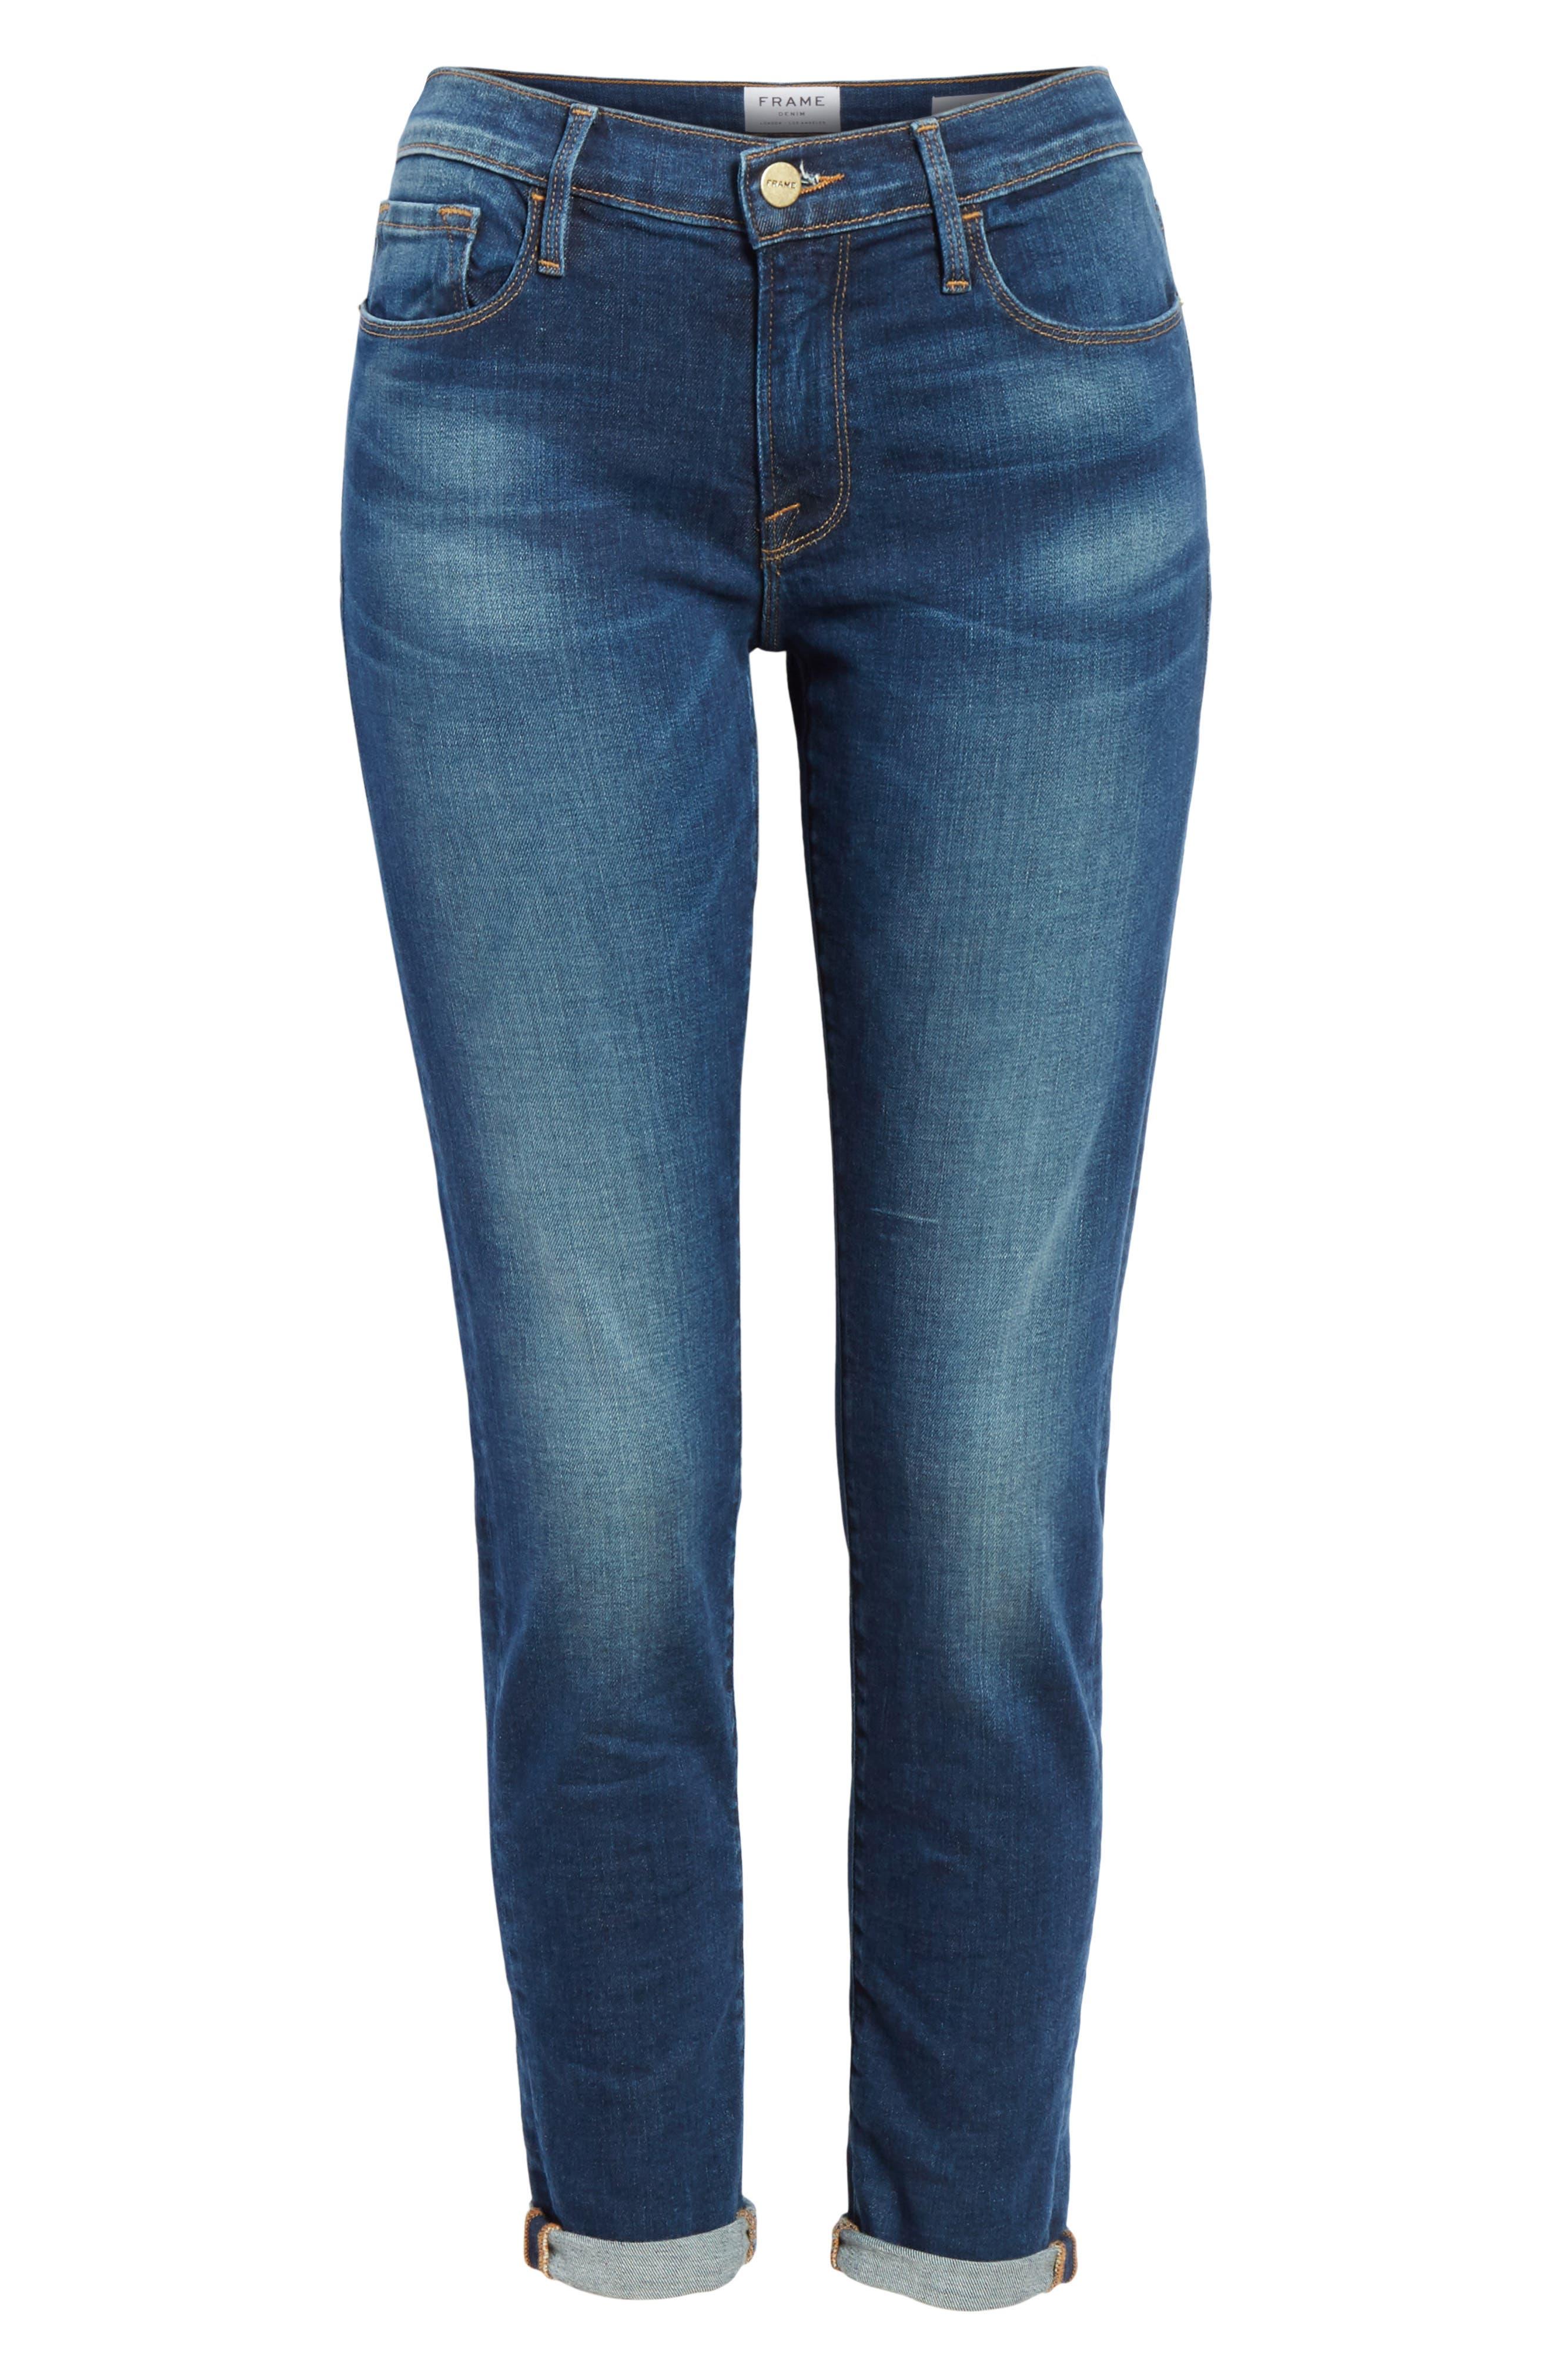 Le Garcon Slim Boyfriend Jeans,                             Alternate thumbnail 7, color,                             WESTFIELD